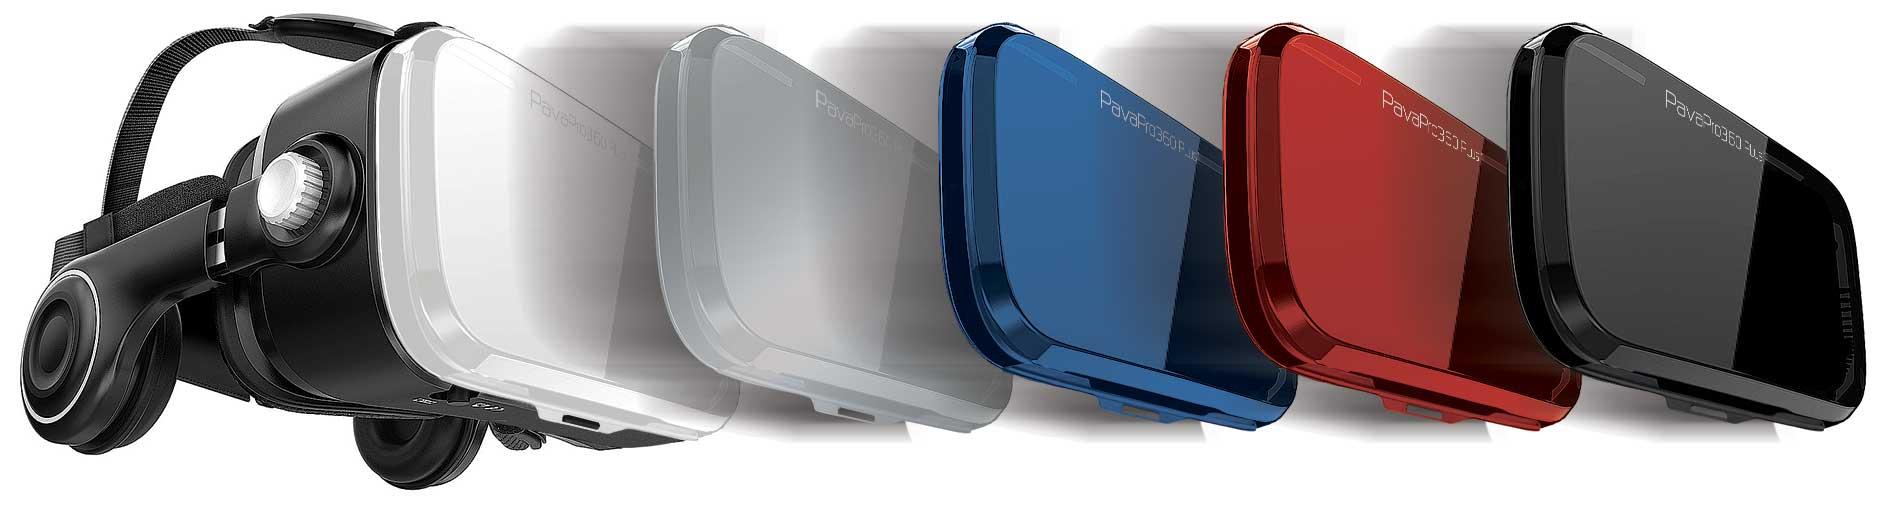 Pavapro 360 Plus User Manual Pavapro